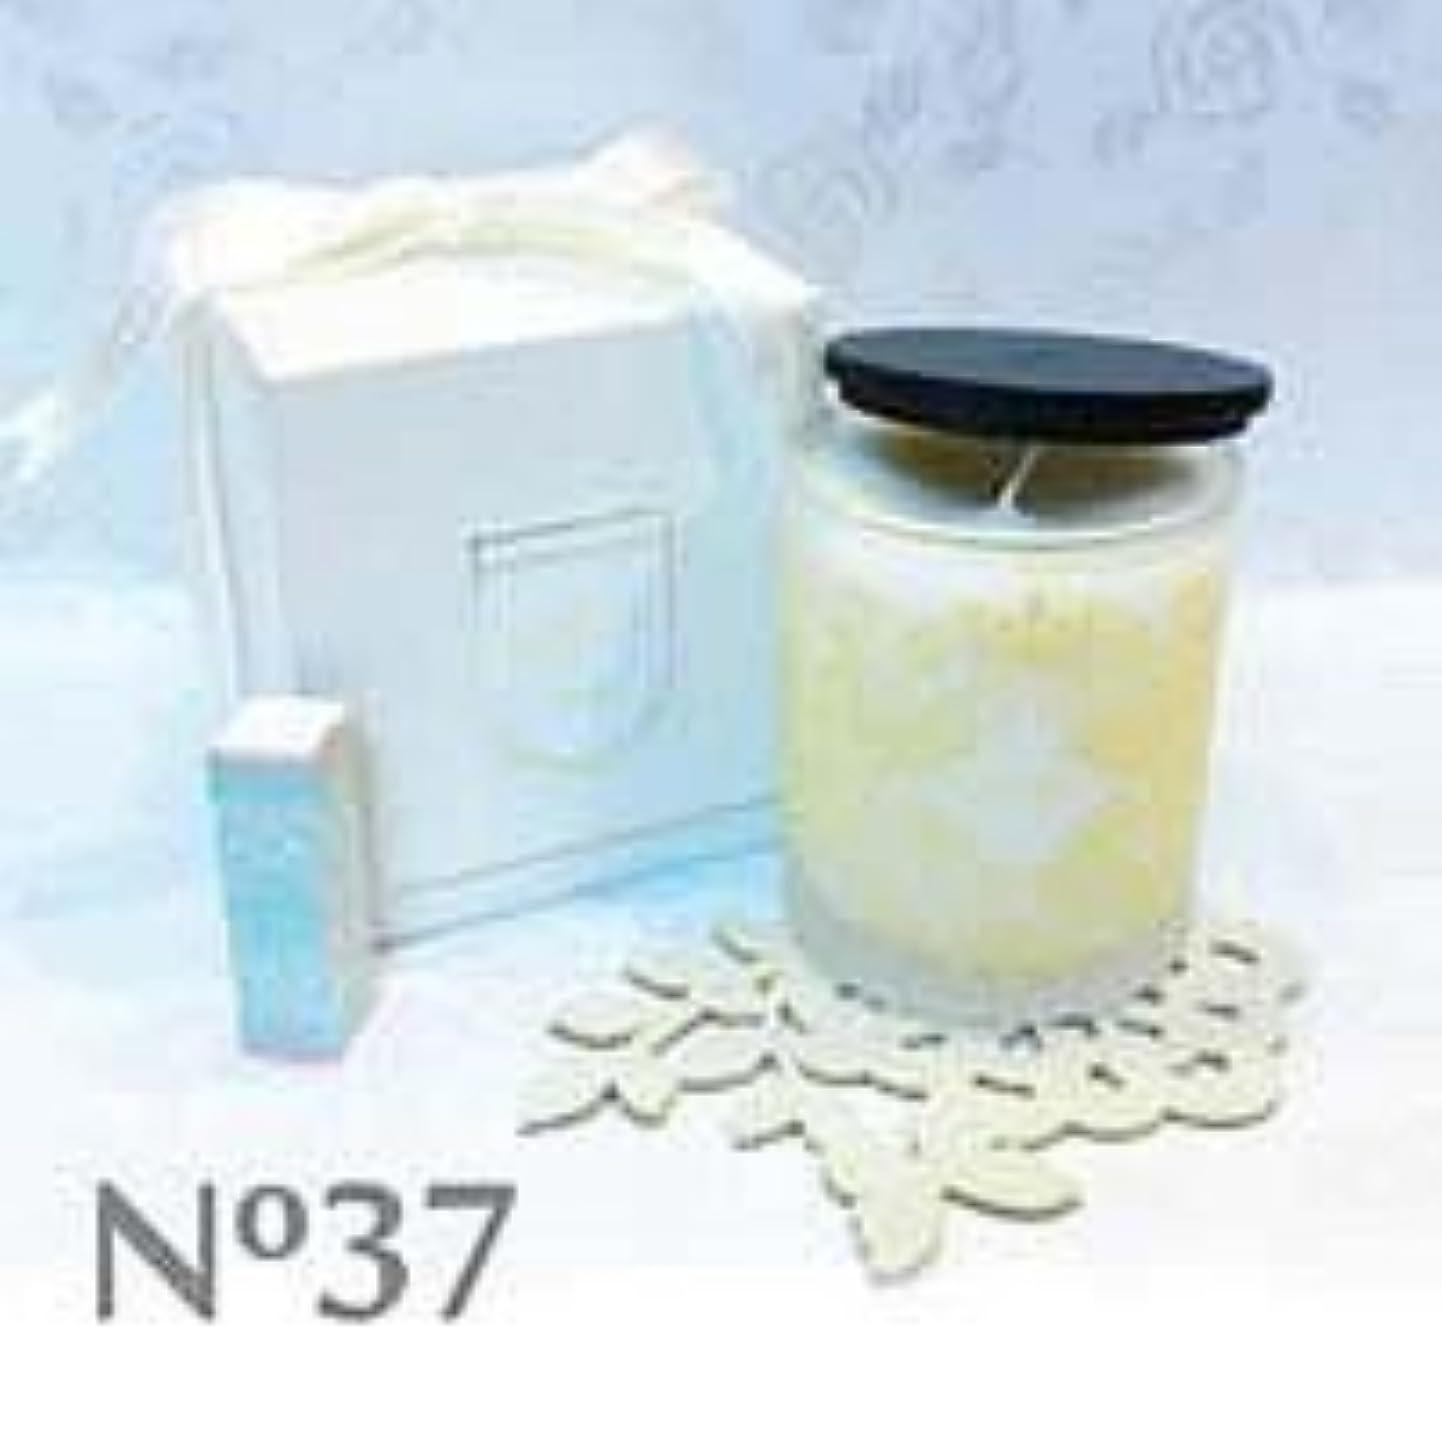 偶然の力補正アロマキャンドル parfum No.37